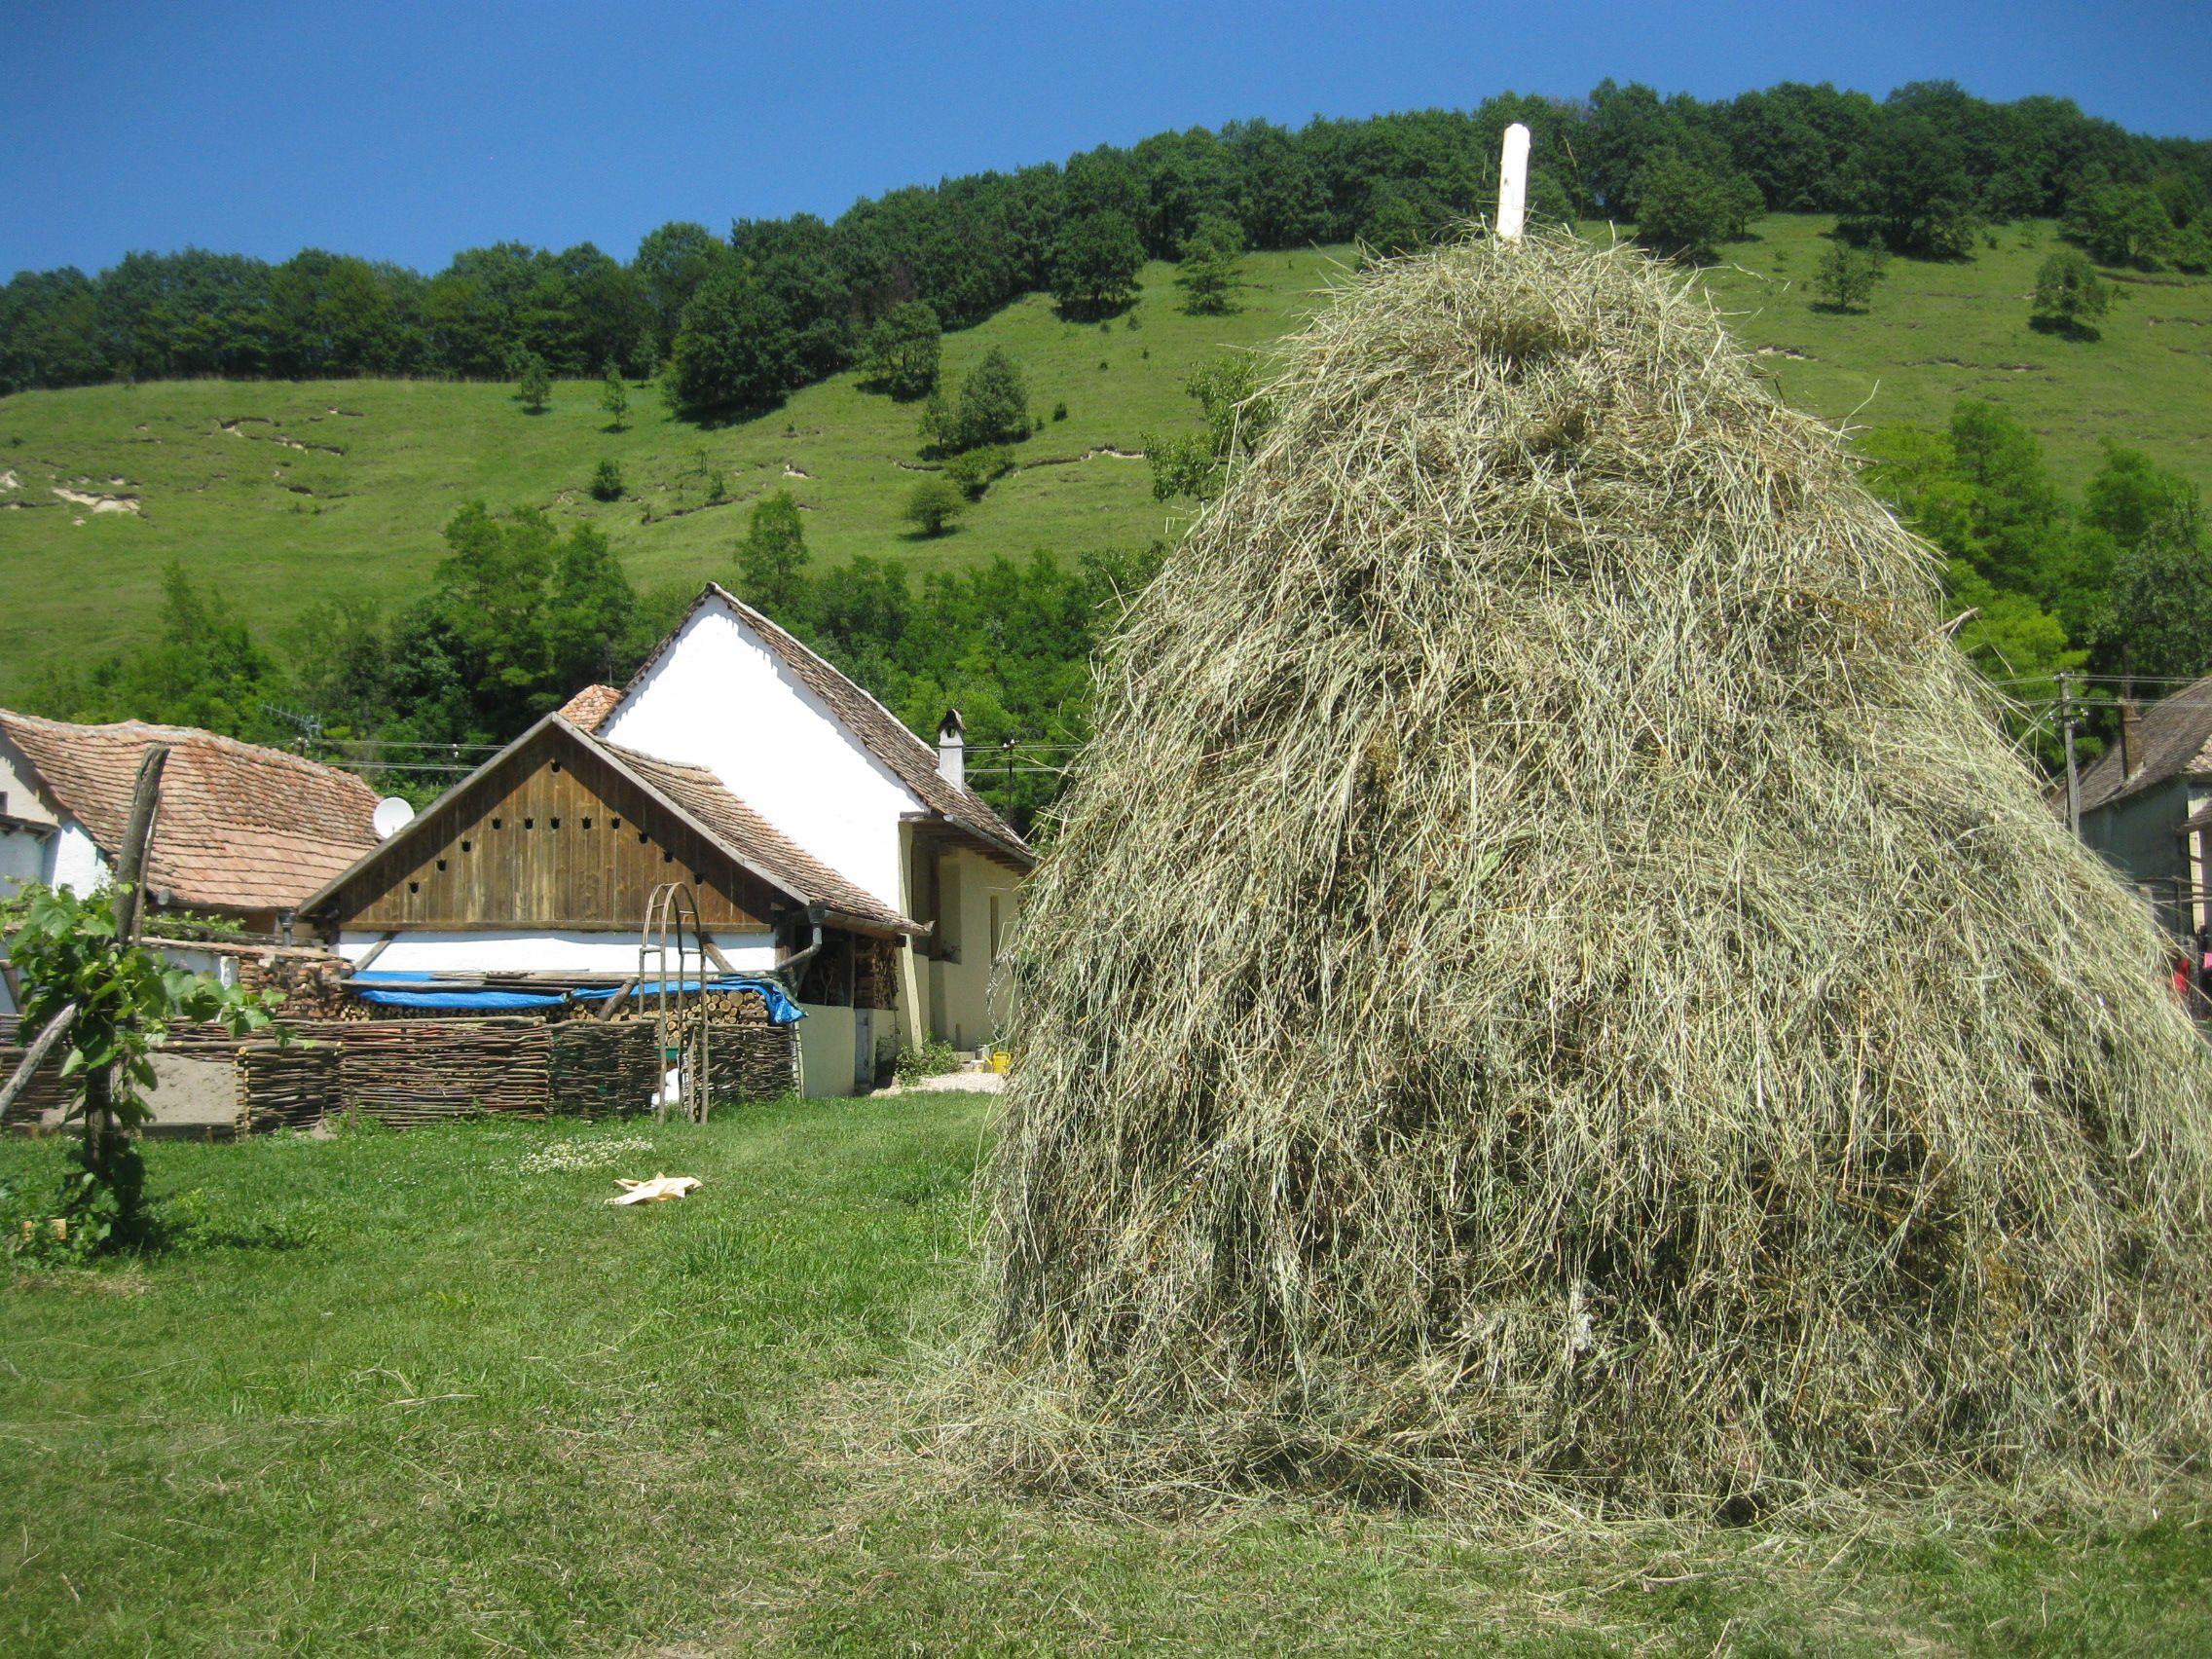 Casa in Natura – Ländliche Ferienhäuser mit Stil in Transsilvanien/Rumänien